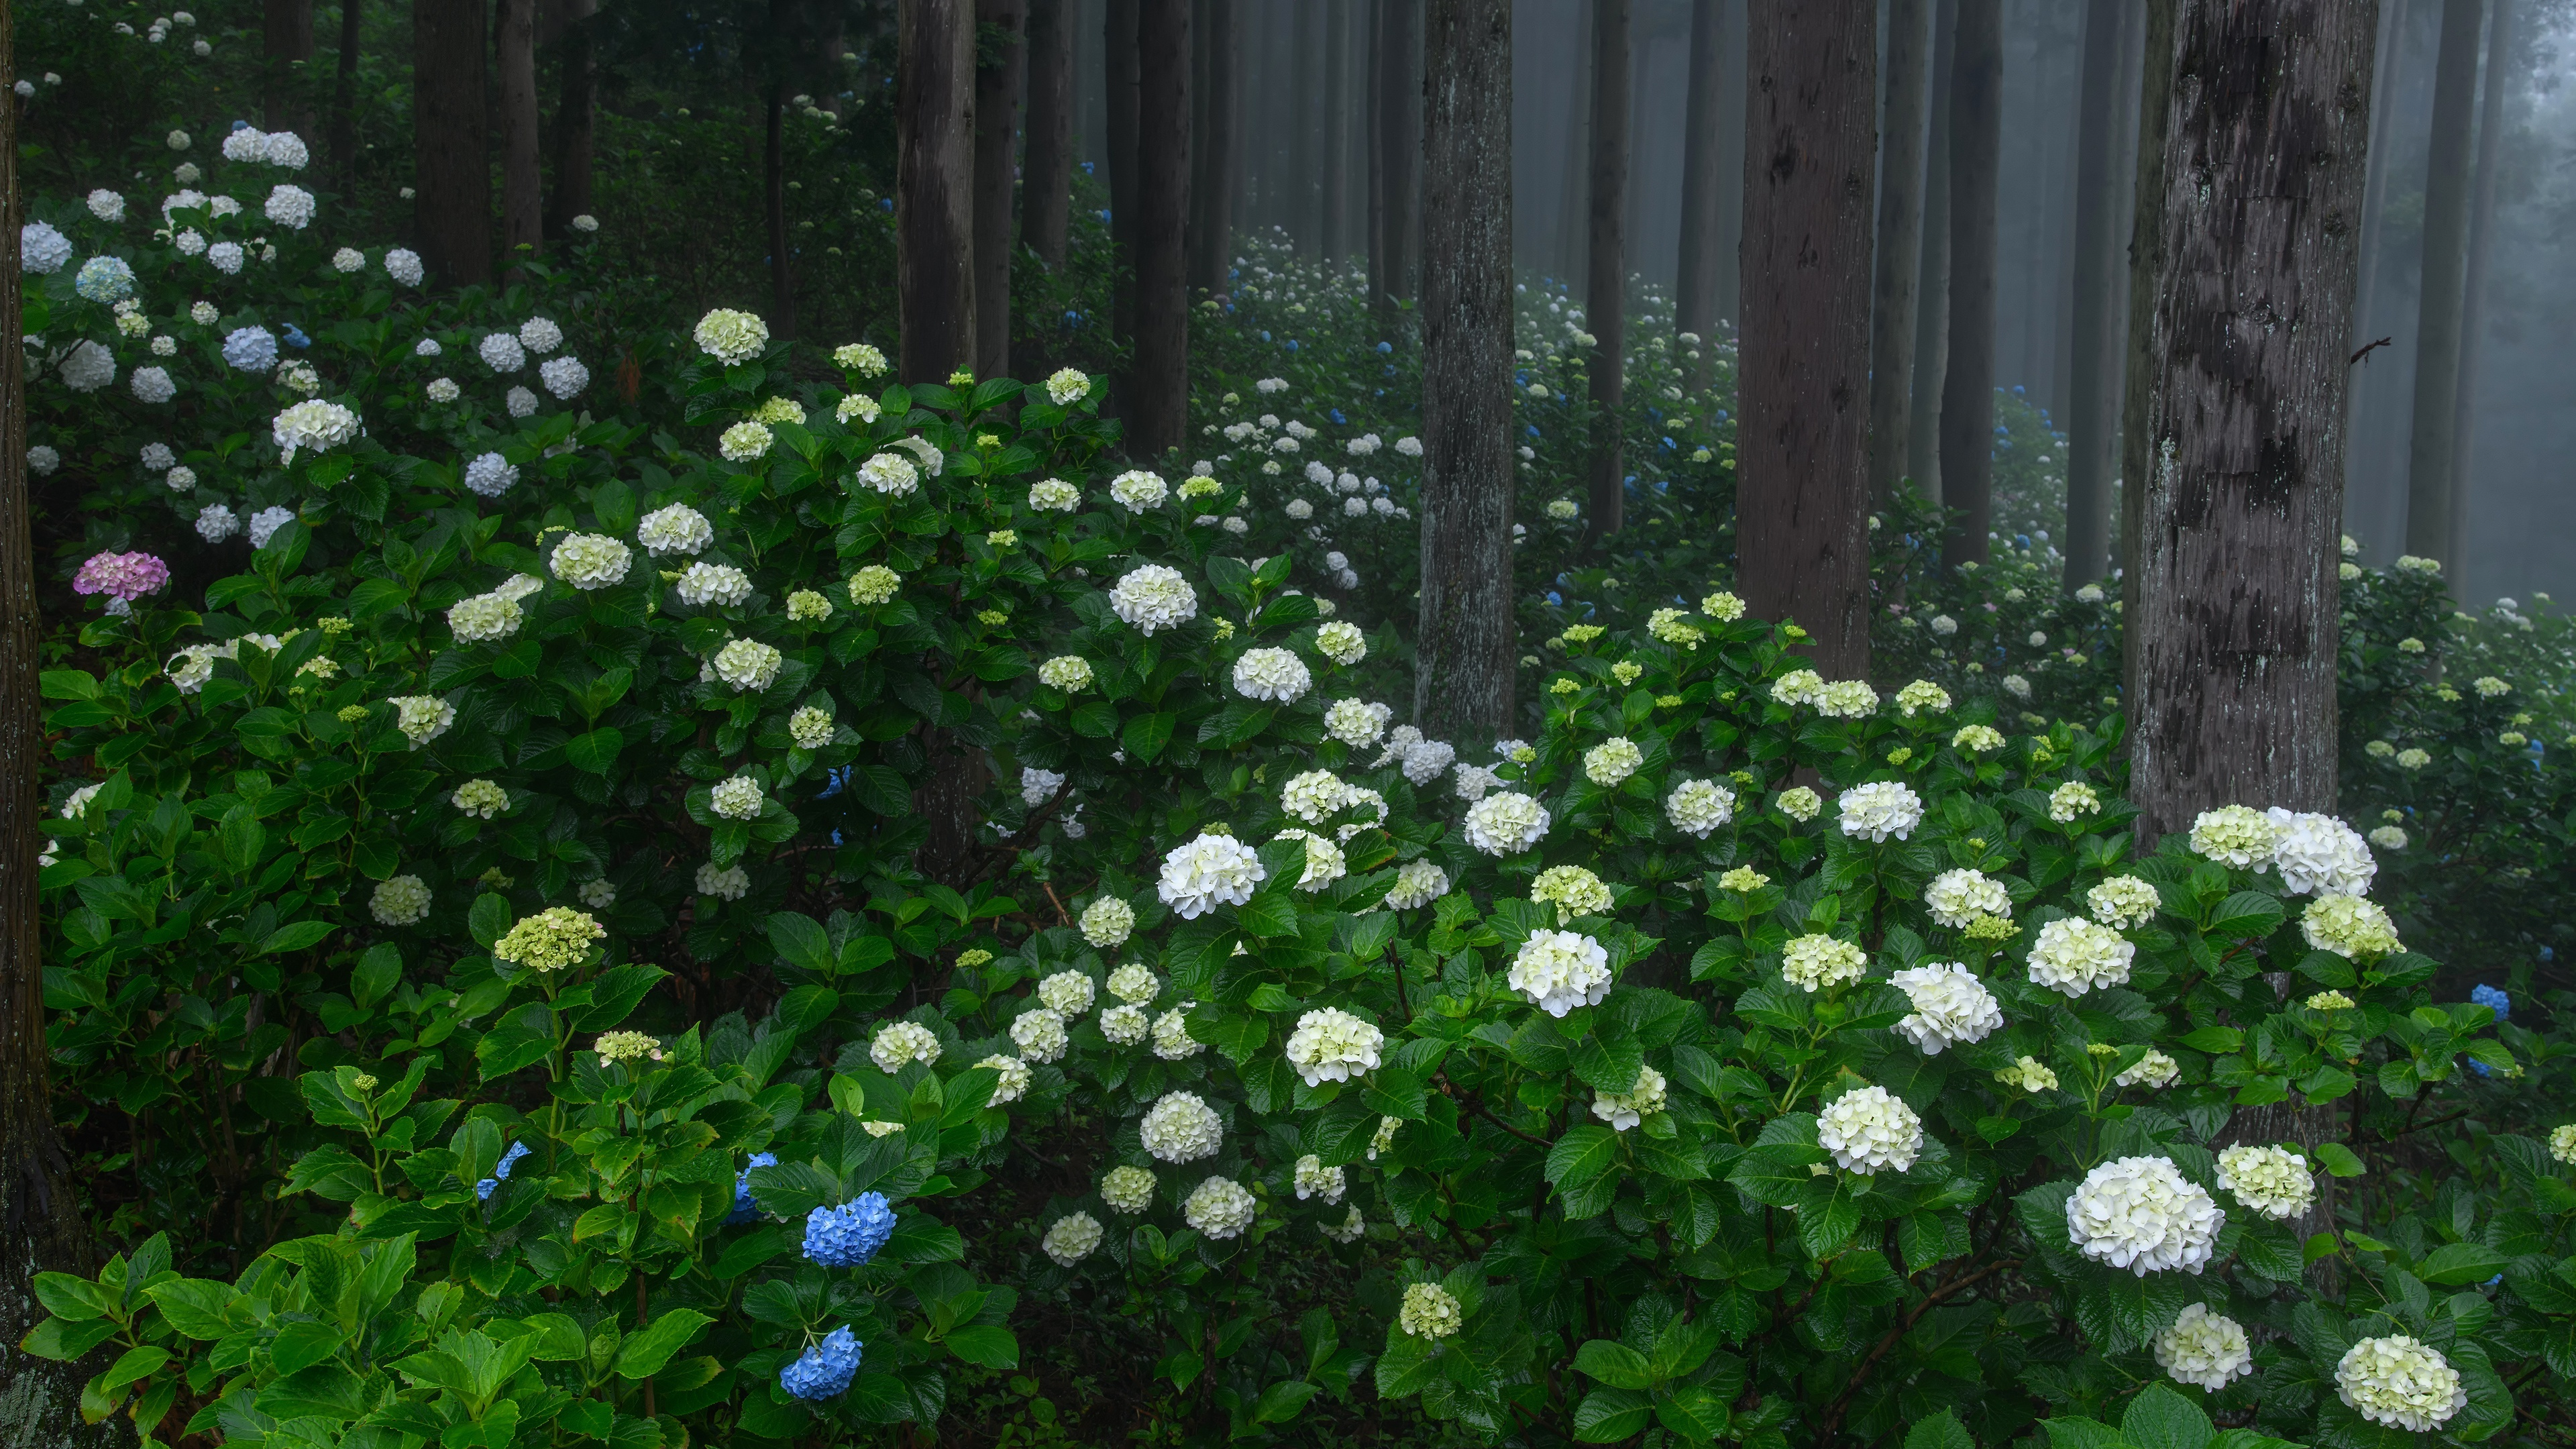 Картинка: Лес, кусты, цветы, гортензия, цветение, деревья